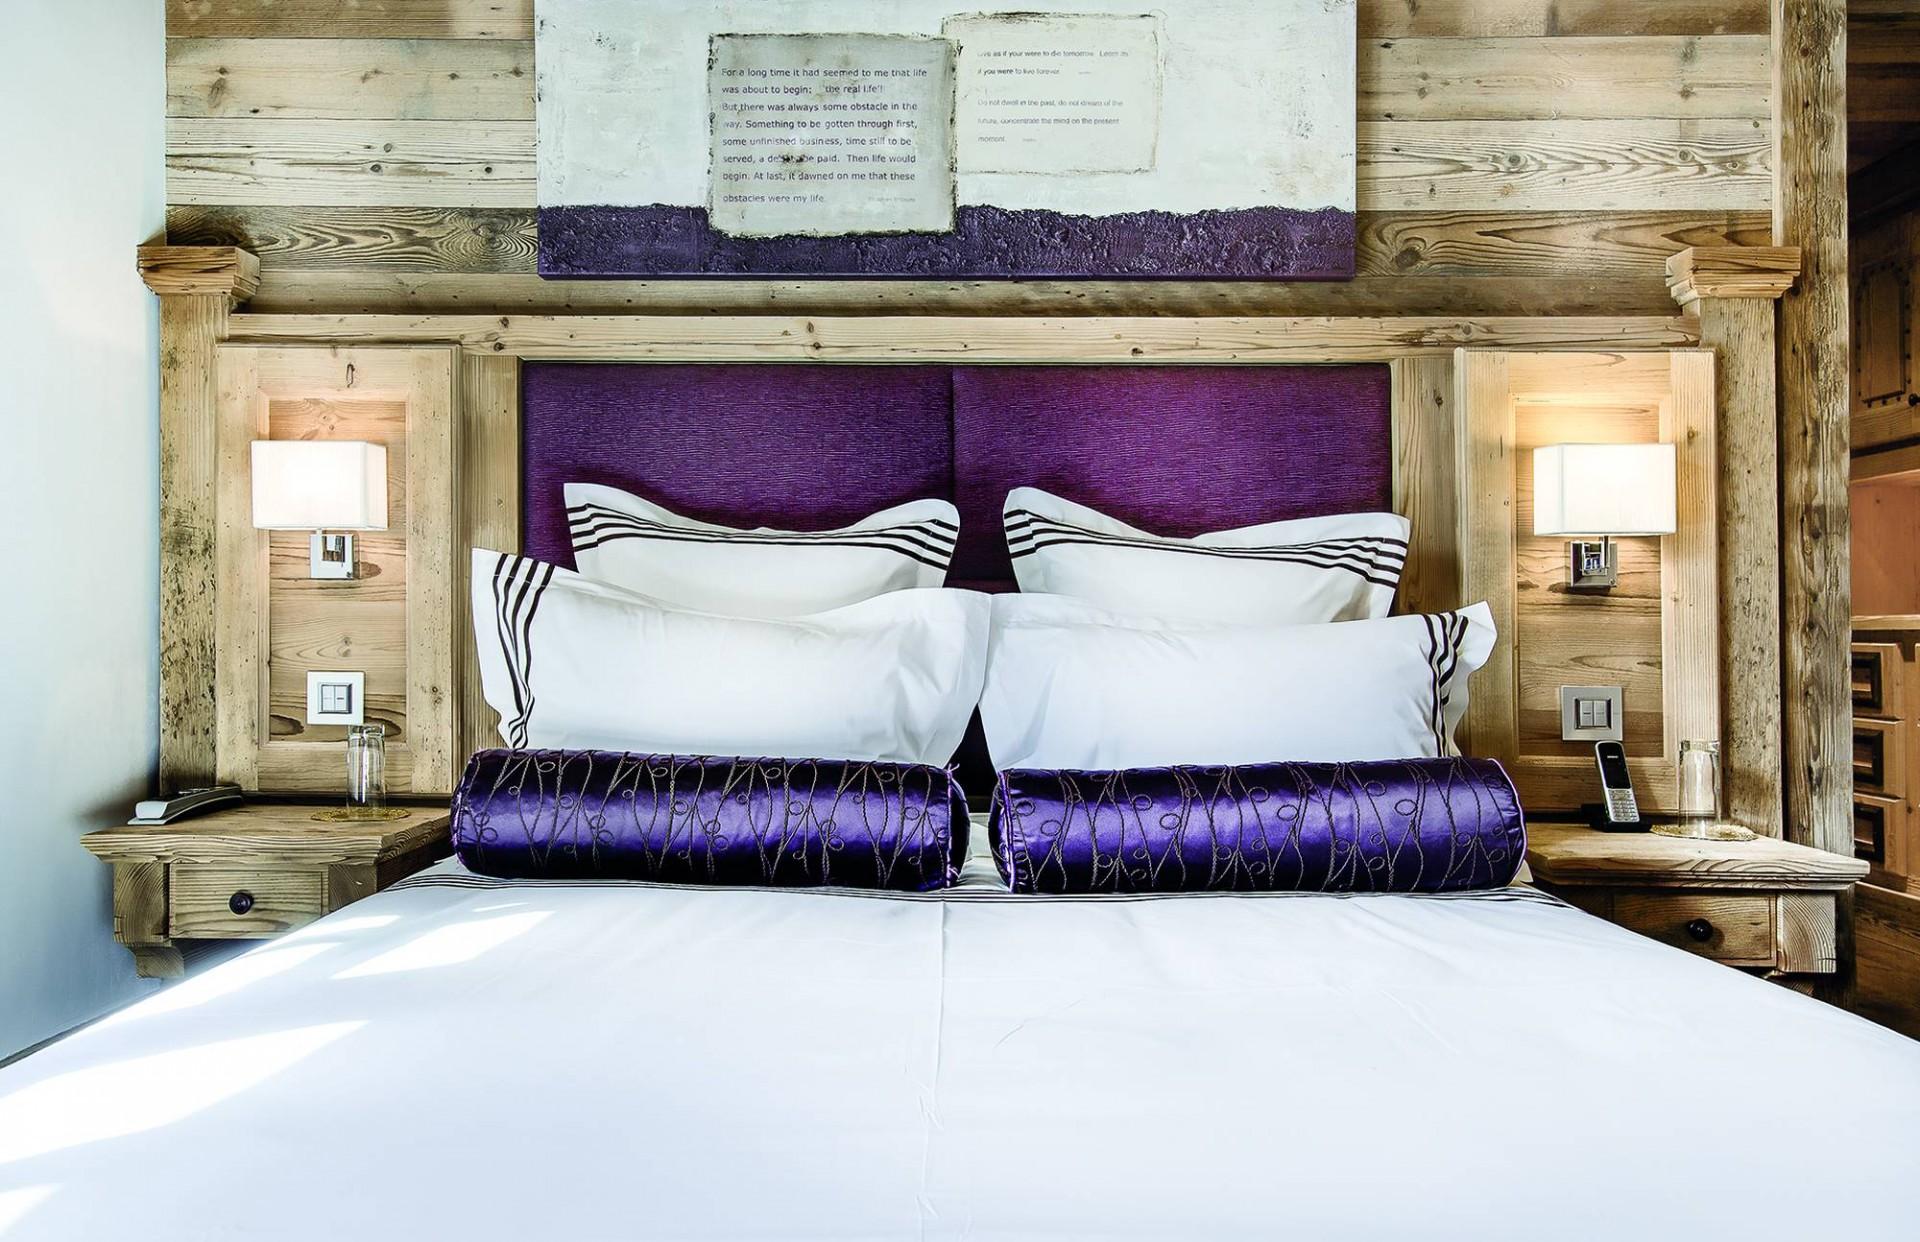 Courchevel 1850 Luxury Rental Chalet Bepalite Bedroom 2